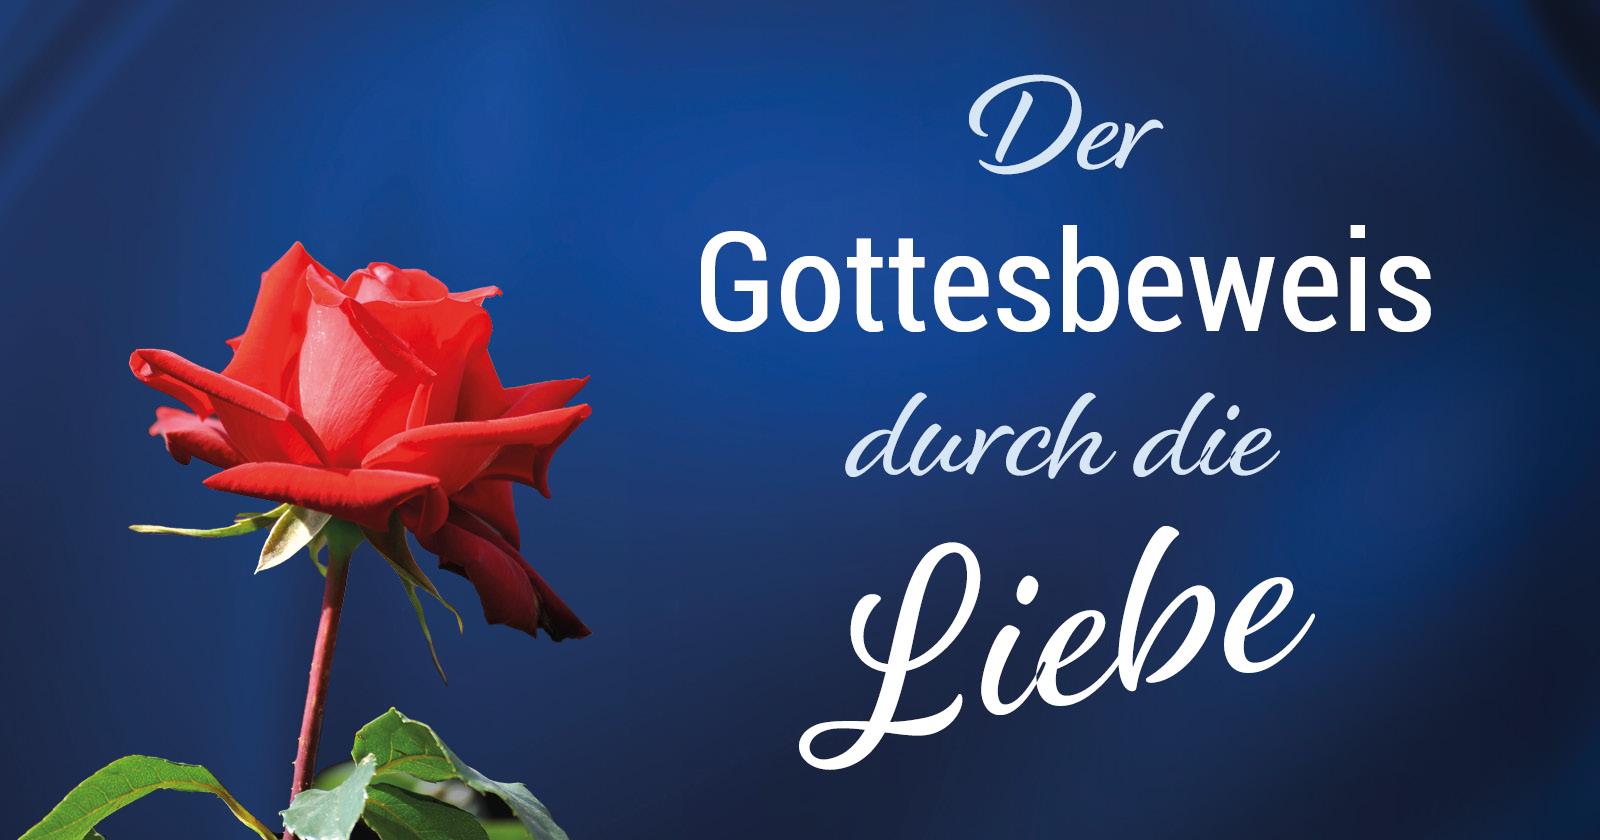 Der Gottesbeweis durch die Liebe - Verteilschrift von Werner Gitt